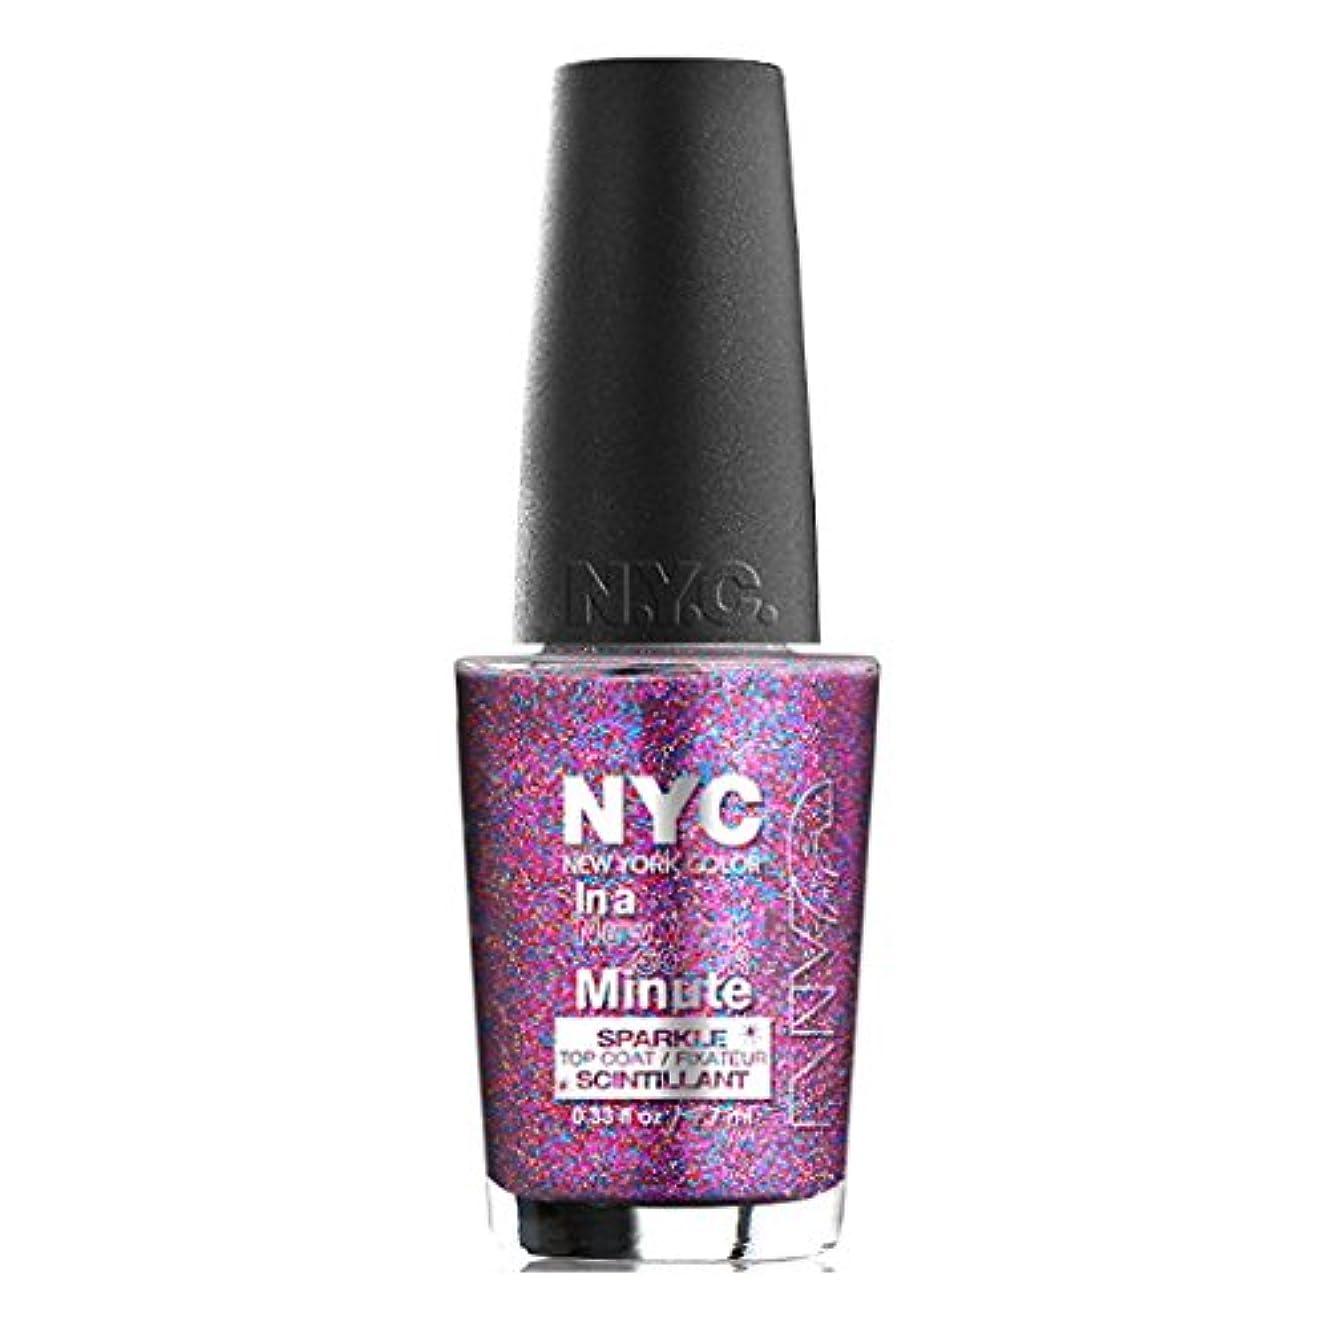 頂点囚人修正するNYC In A New York Color Minute Sparkle Top Coat Big City Dazzle (並行輸入品)